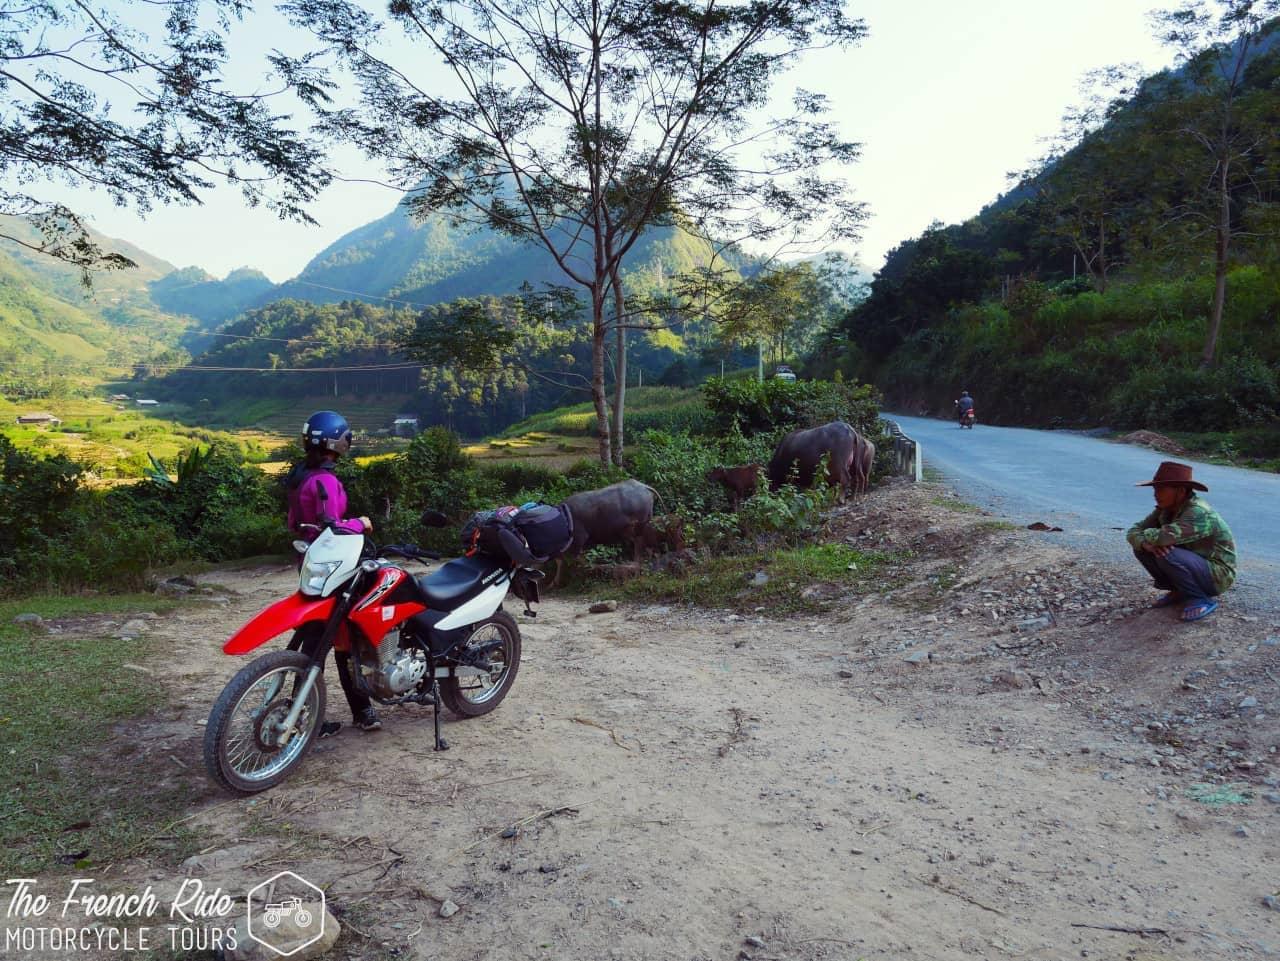 voyage moto au vietnam du nord